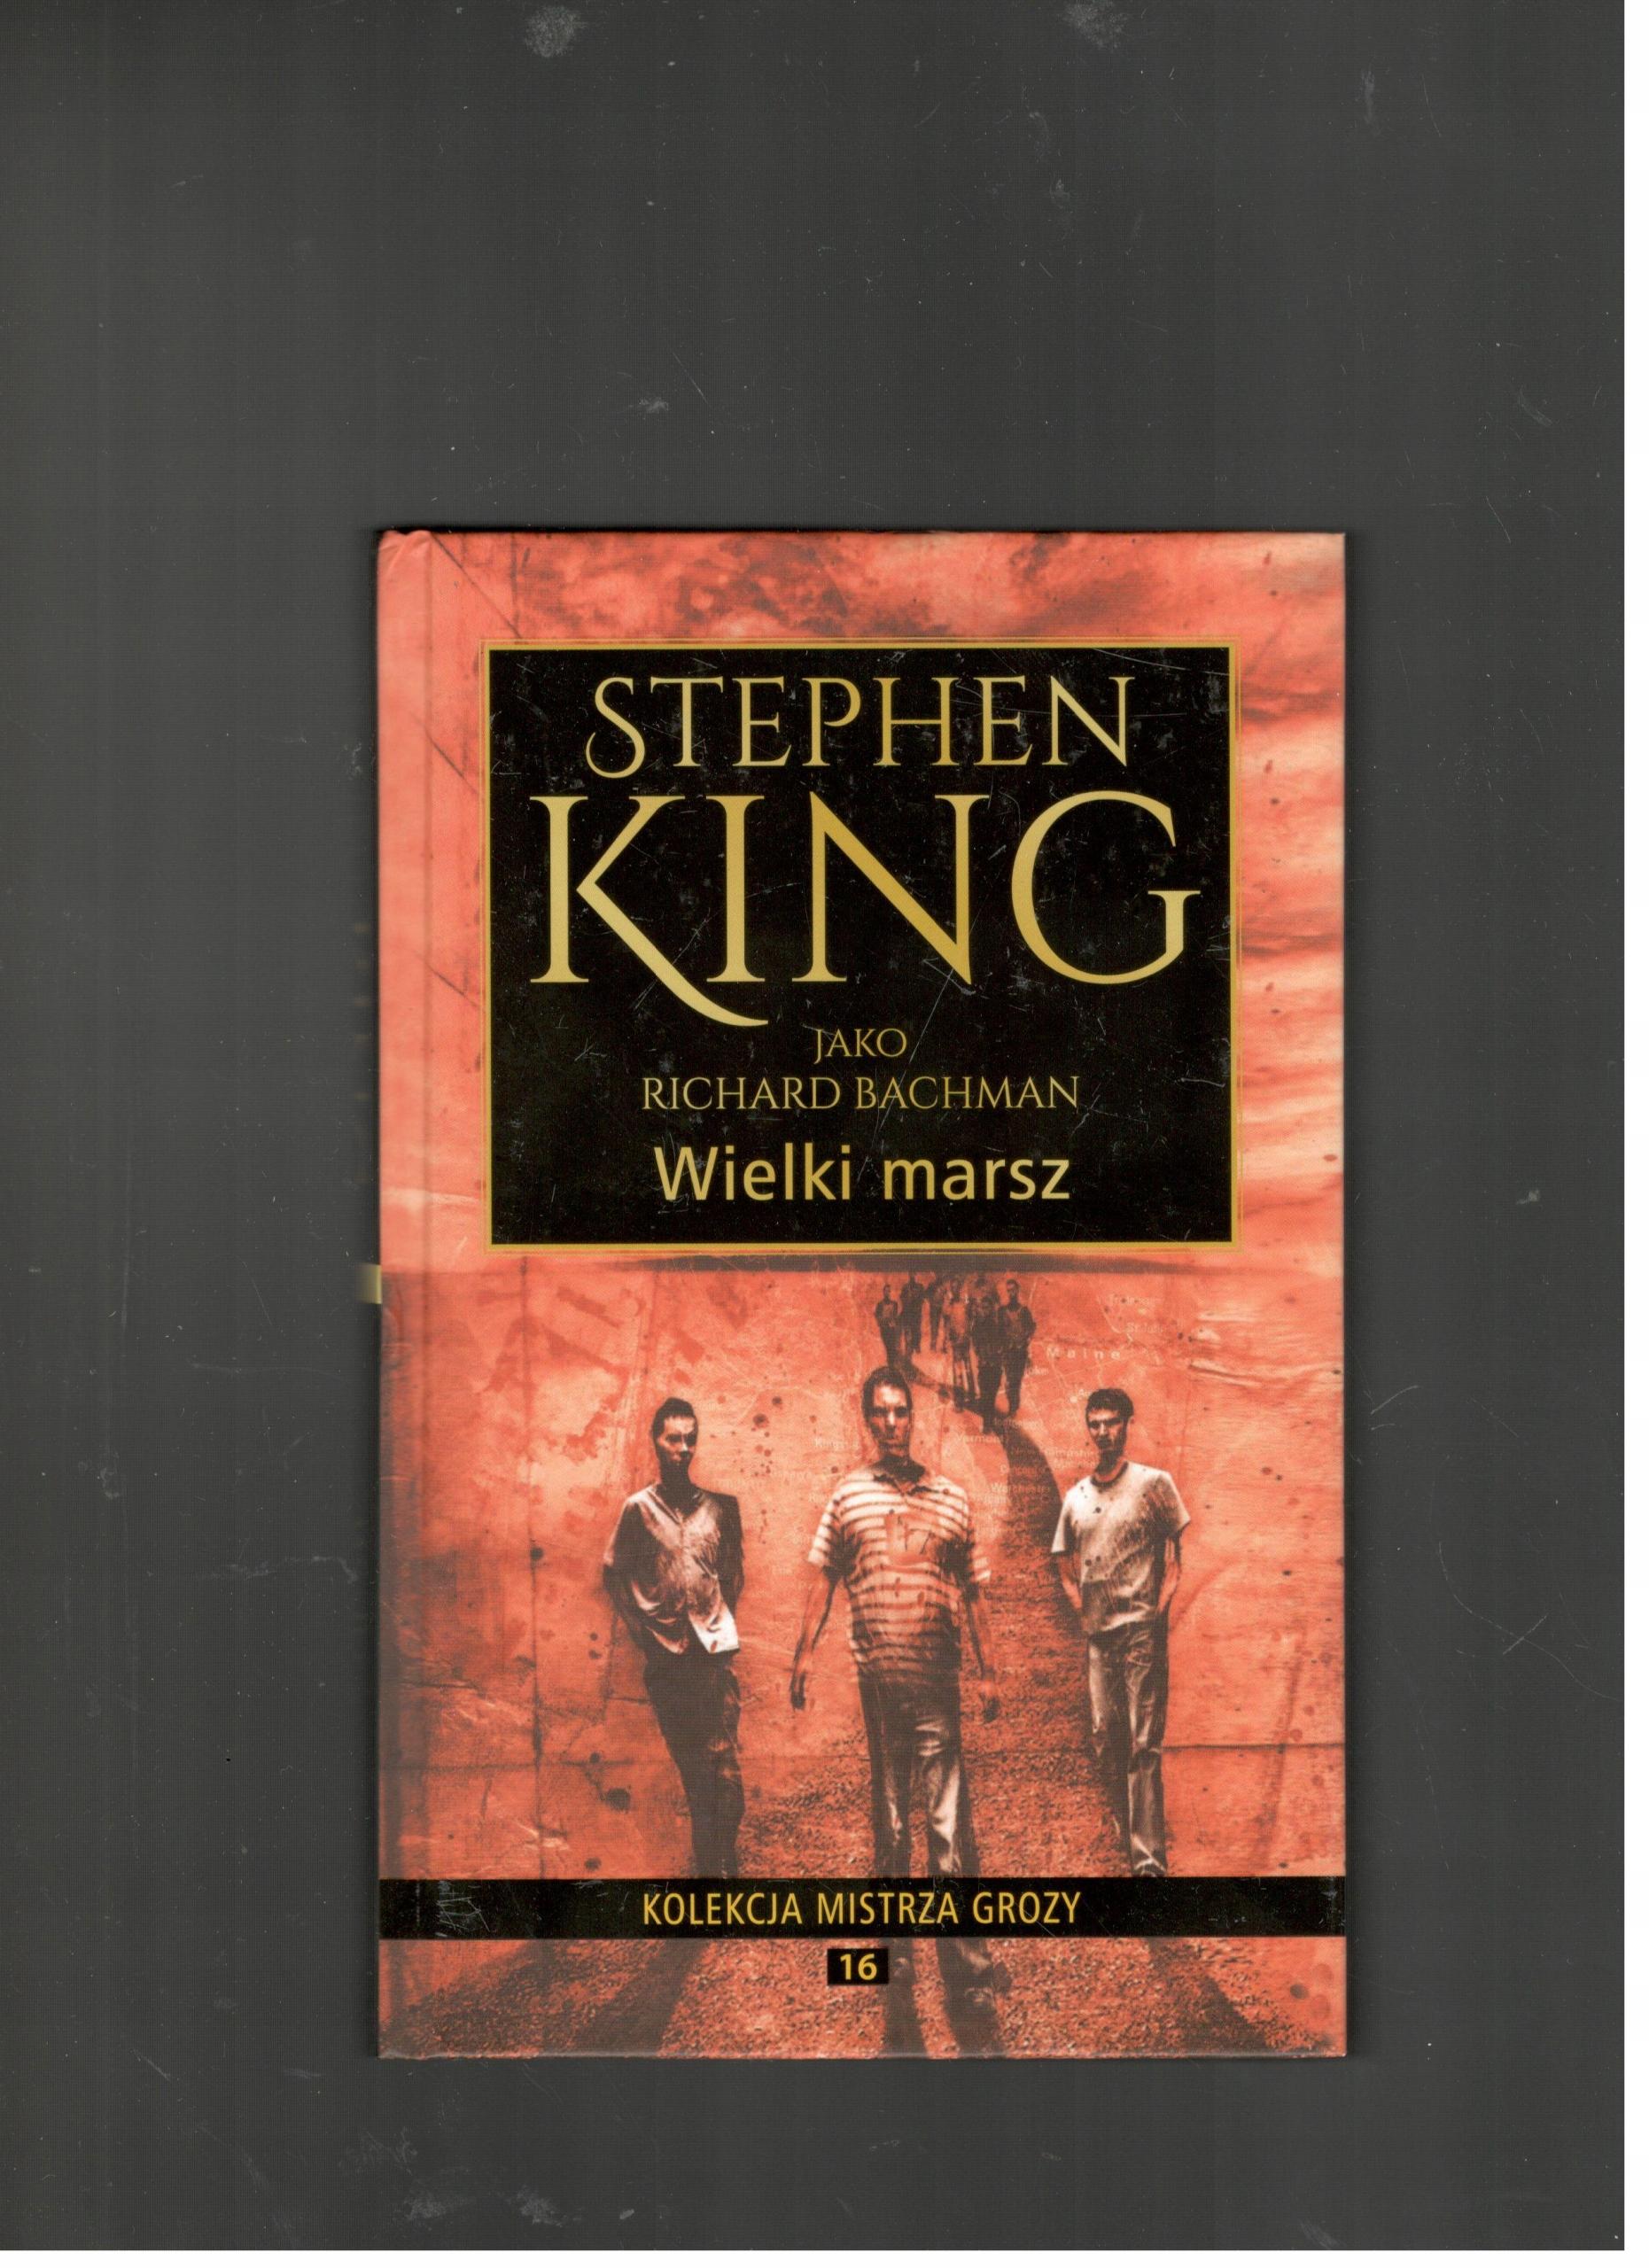 WIELKI MARSZ STEPHEN KING - 9,99 ZŁ